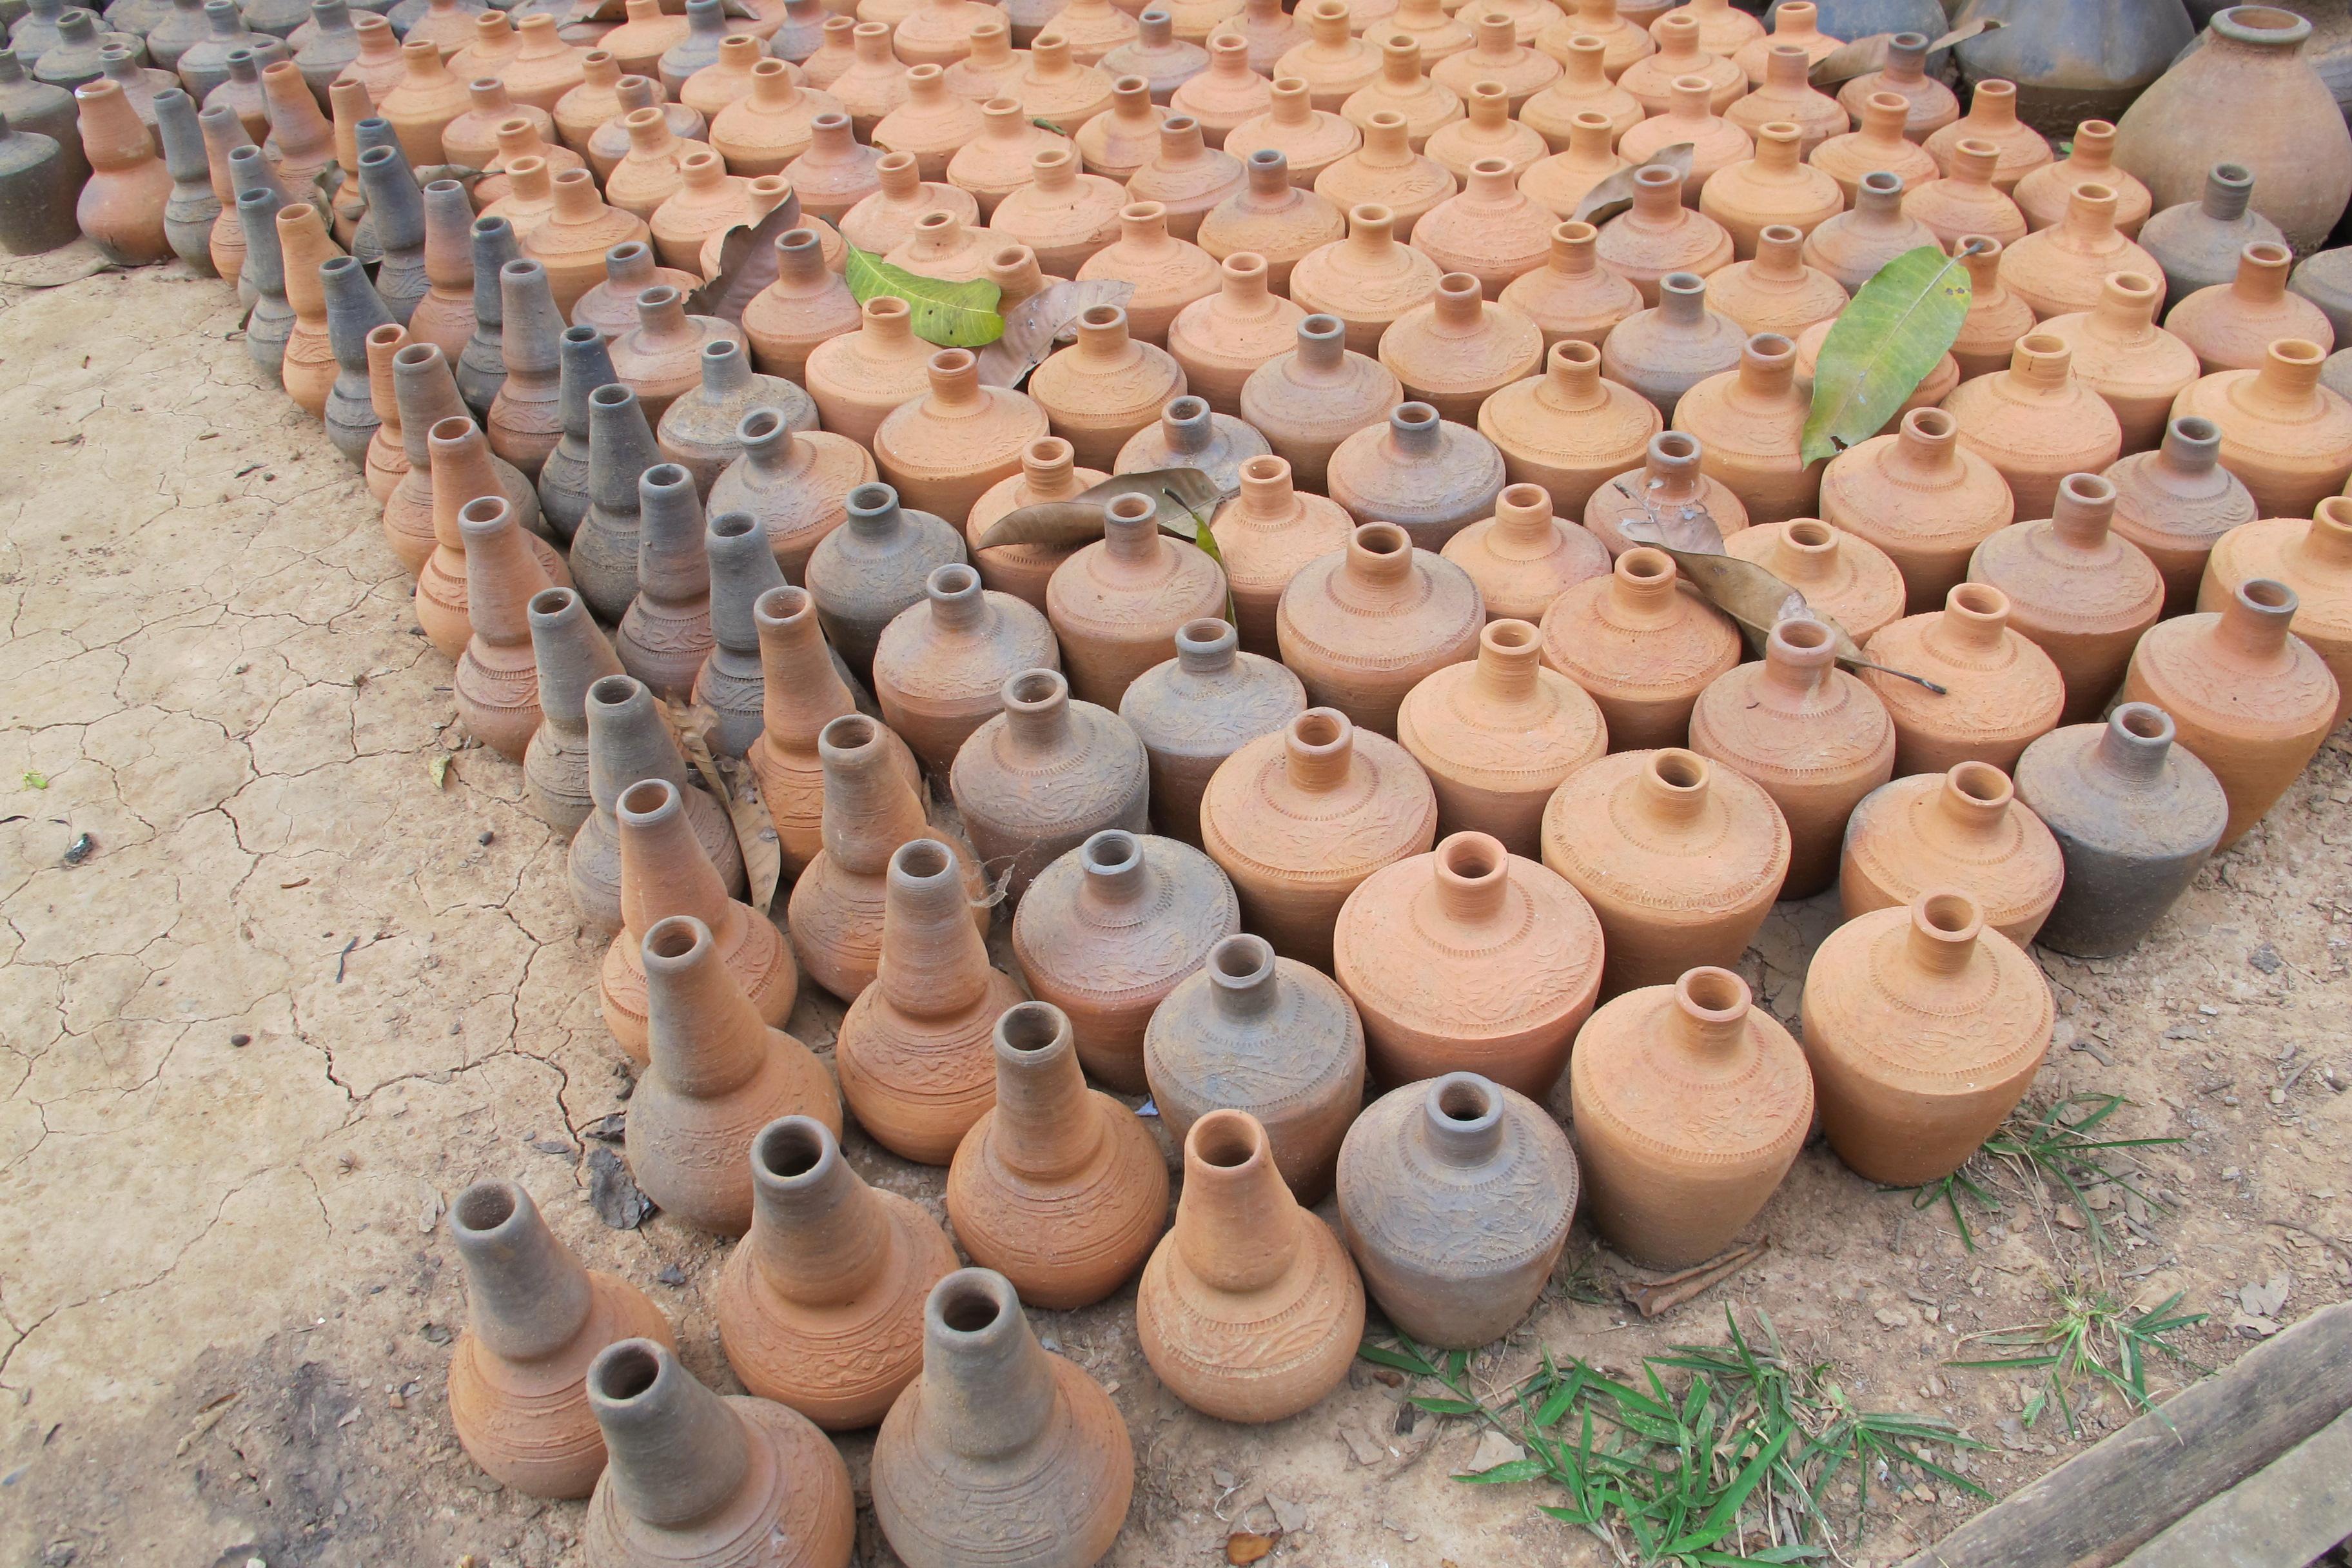 写真12 チャン村の焼きの不十分な焼き締め陶器(撮影:筆者)